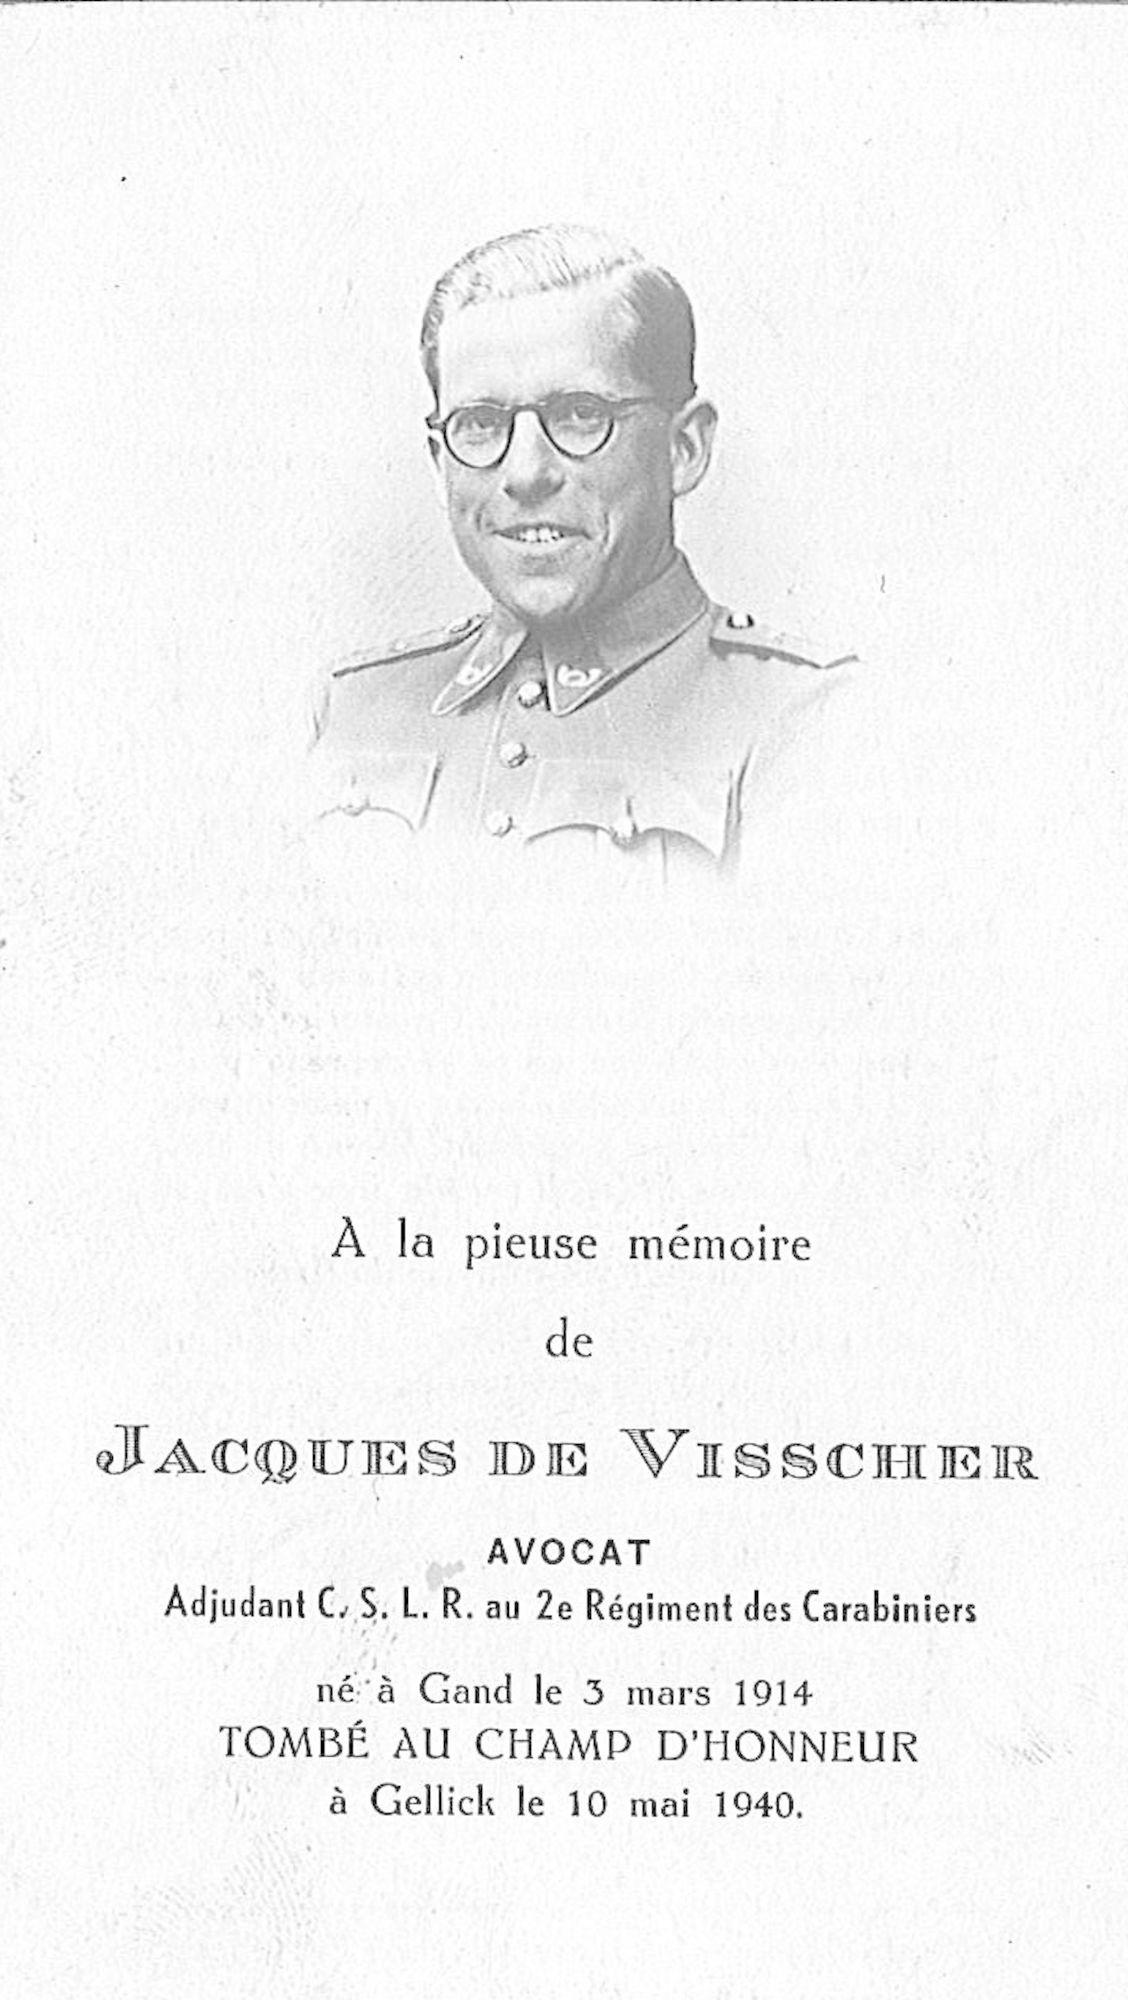 Jacques De Visscher